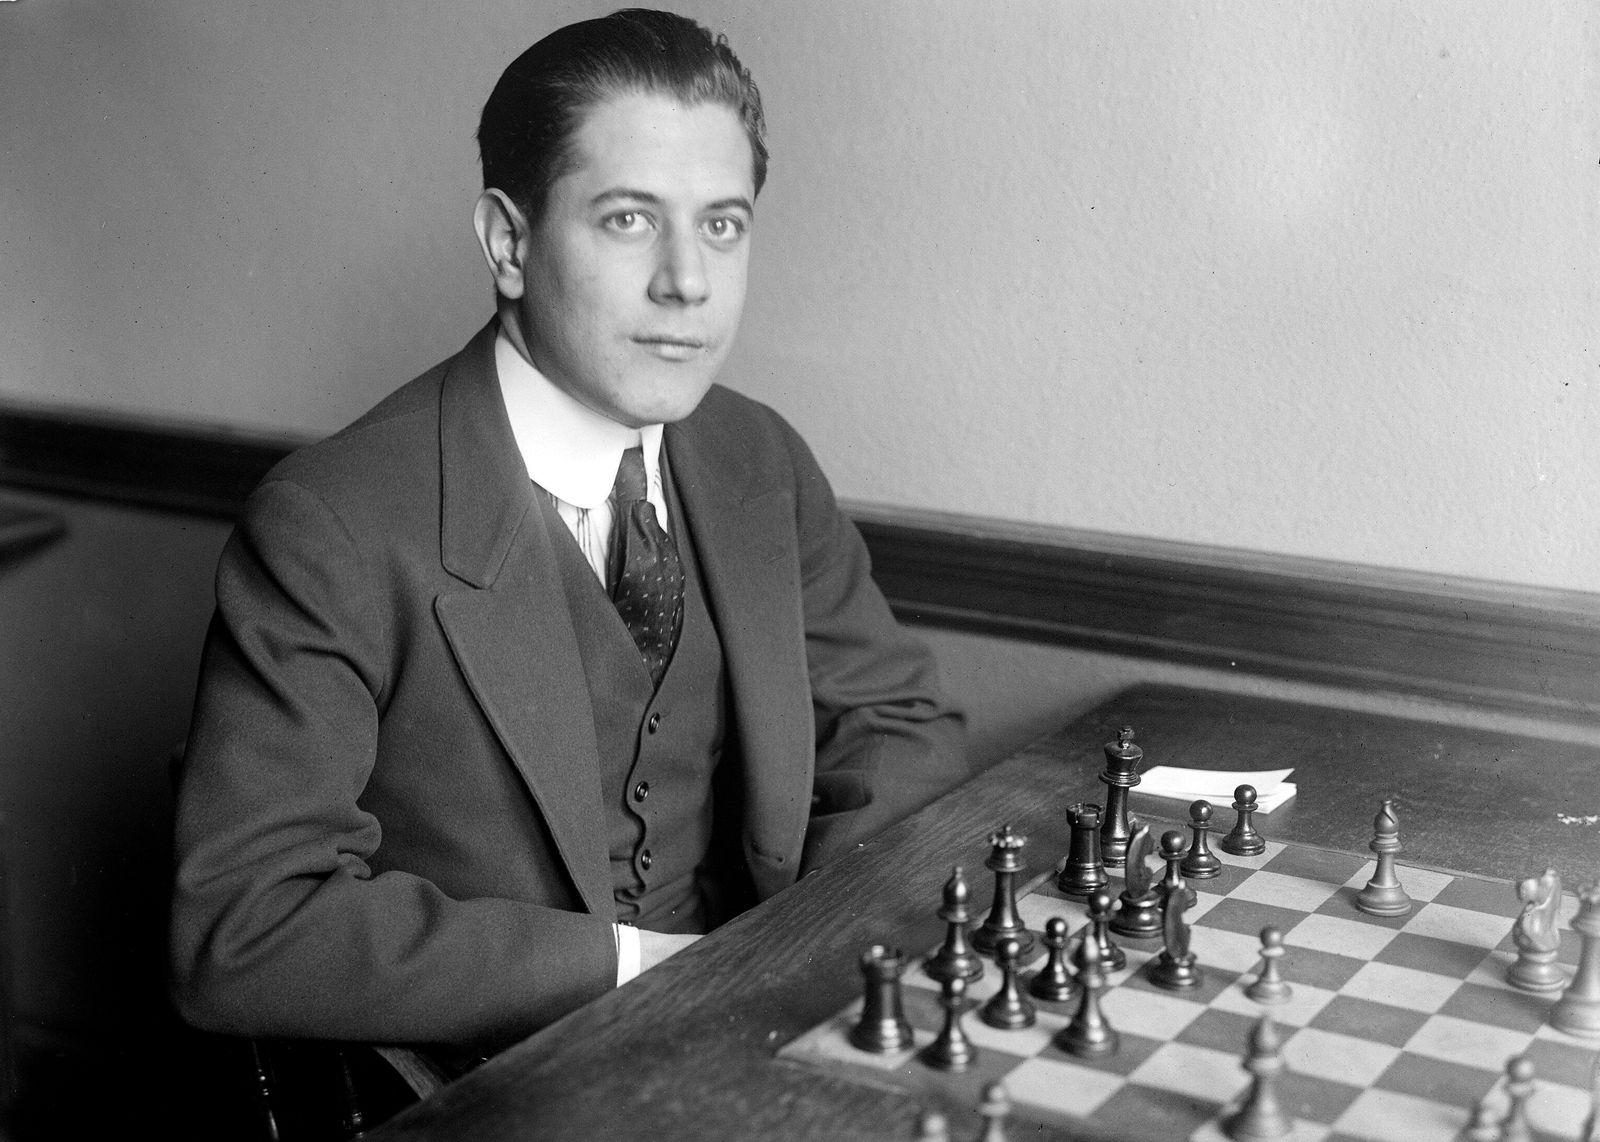 ECHECS Jose Roaul CAPABLANCA (1888-1942) l Invincible, 3eme Champion du Monde des echecs de 1921 ? 1927. Photographie de